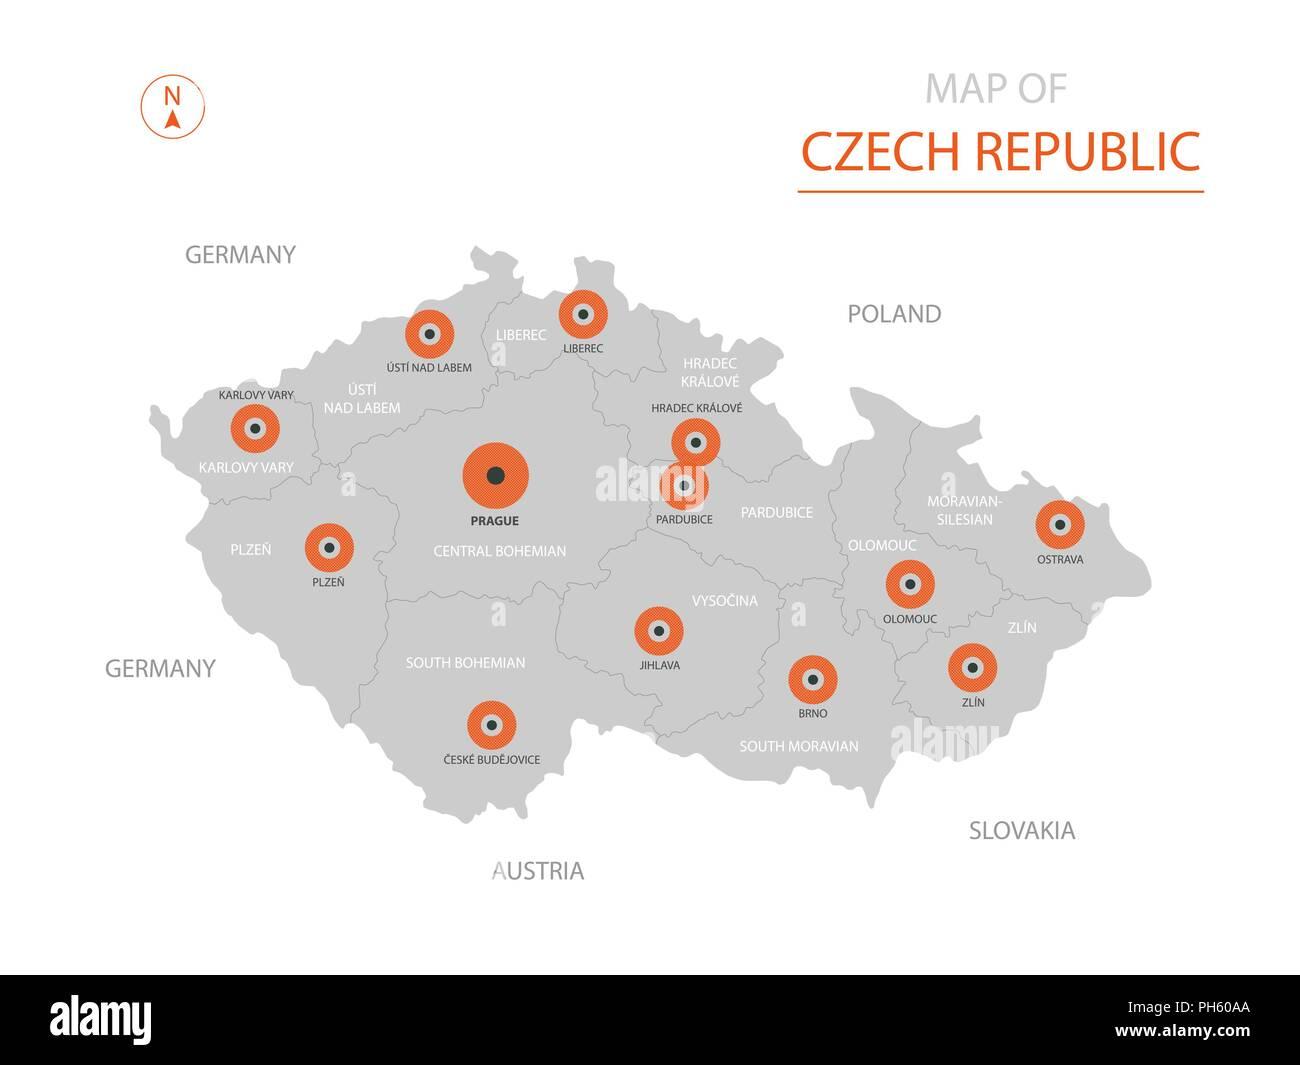 Prag Karte Tschechien.Stylized Vector Tschechische Republik Karte Der Großen Städte Die